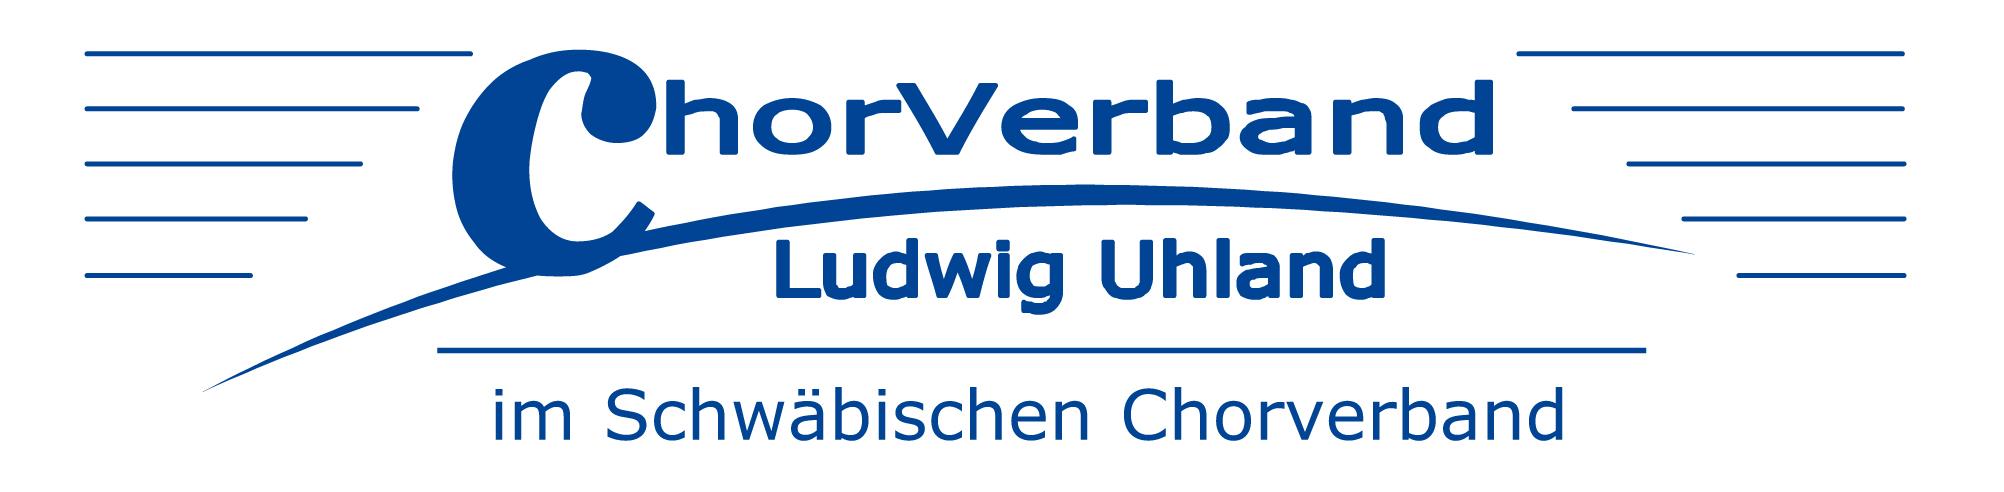 Logo Chorverband Ludwig Uhland